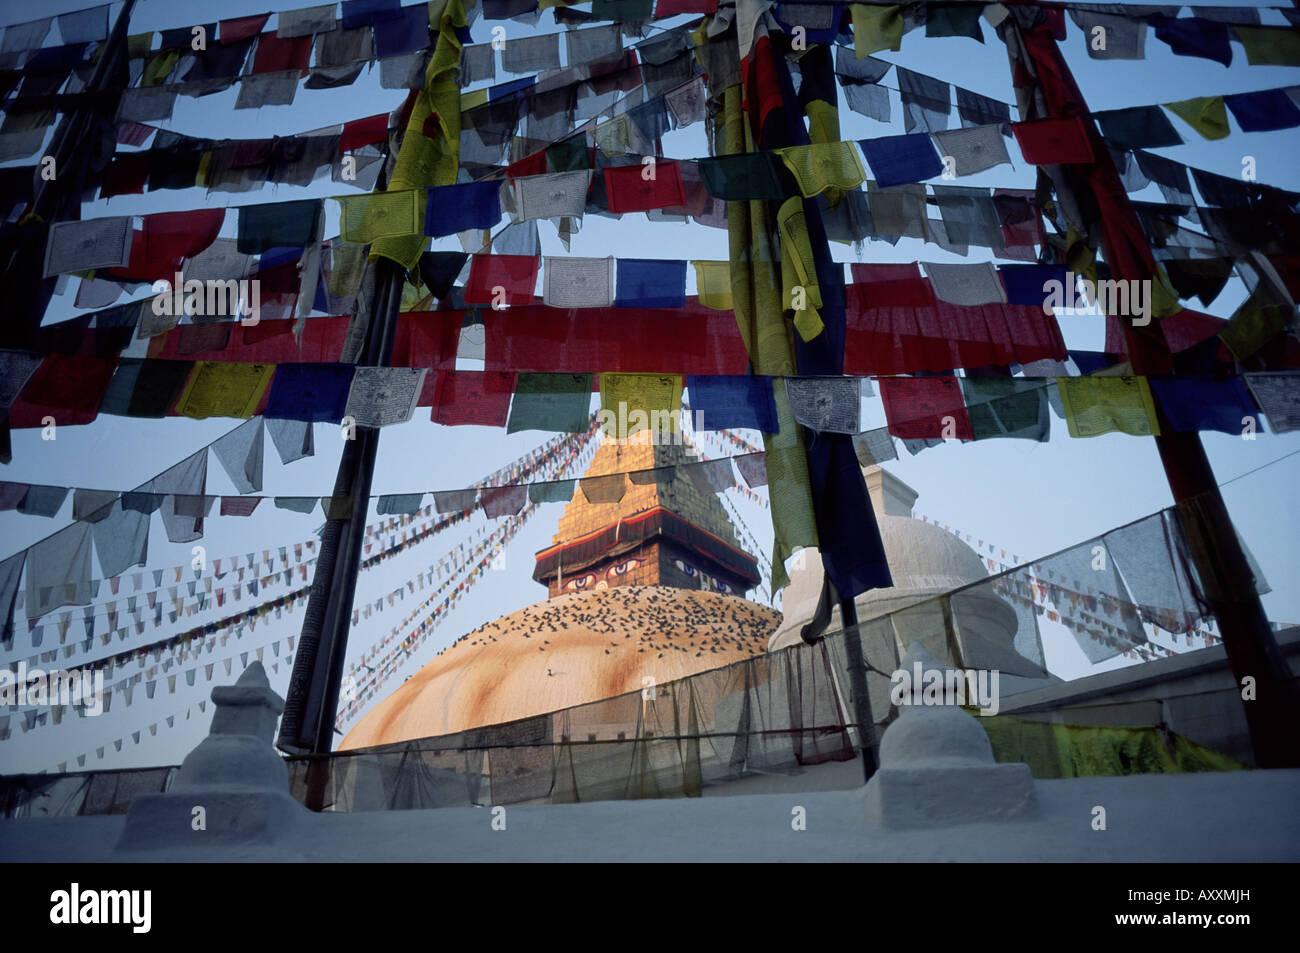 Bodnath (Bodhnath) (Boudhanath) stupa with Buddhist prayer flags, Kathmandu, Nepal, Asia - Stock Image